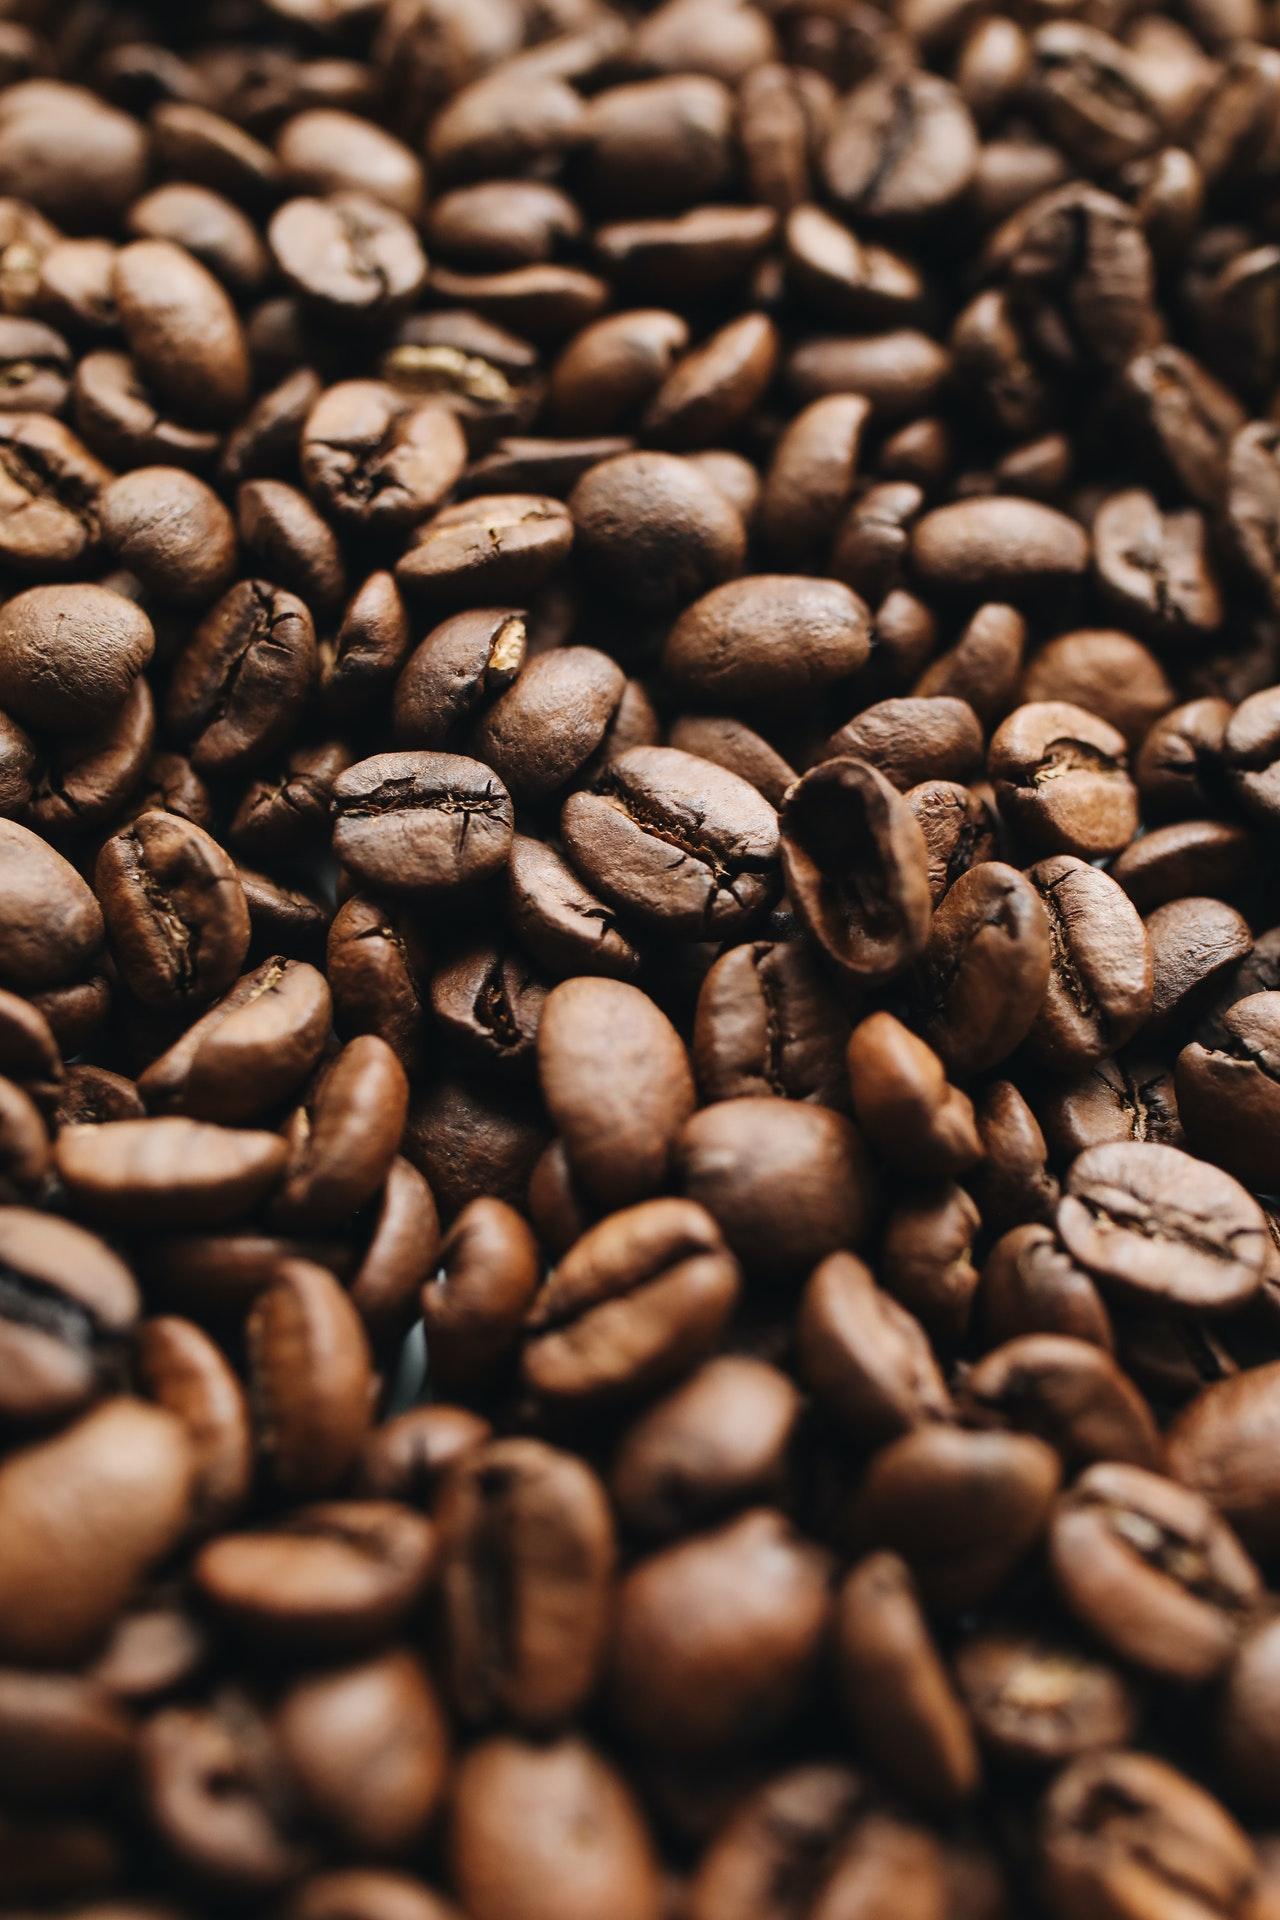 Auch der beste elektrische Espressokocher braucht qualitativ hochwertige Bohnen um guten Espresso zubereiten zu können.